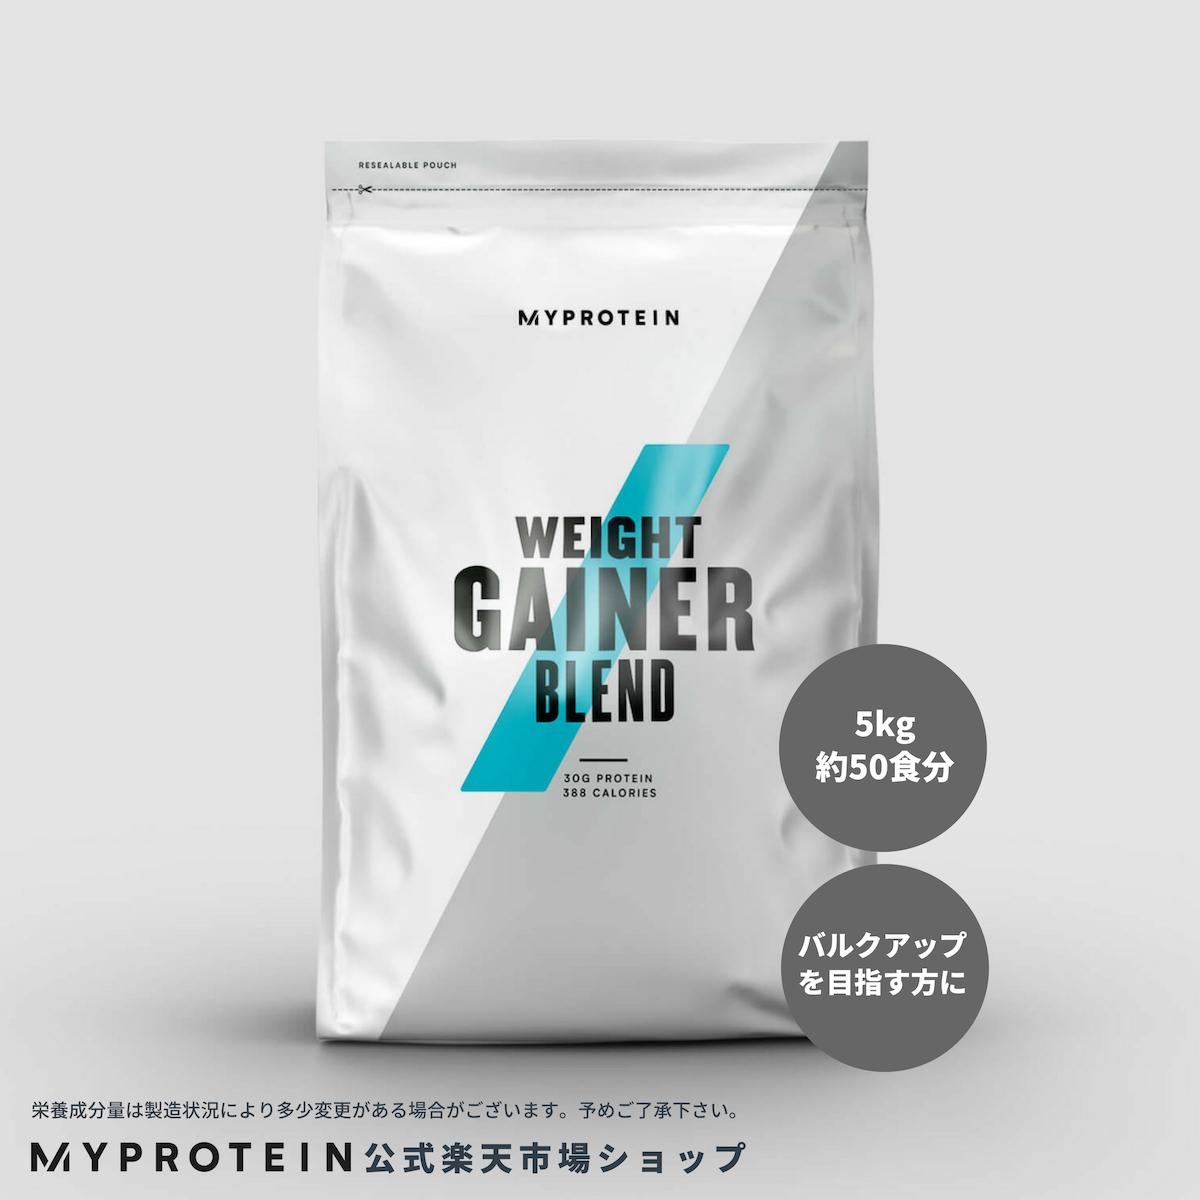 マイプロテイン 公式 【MyProtein】 ウェイト ゲイナー ブレンド 5kg 約50食分| ホエイプロテイン プロテイン ホエイ 筋肉 バルクアップ ボディーメイク 炭水化物 マルトデキストリン 食物繊維 オーツ麦 高カロリー